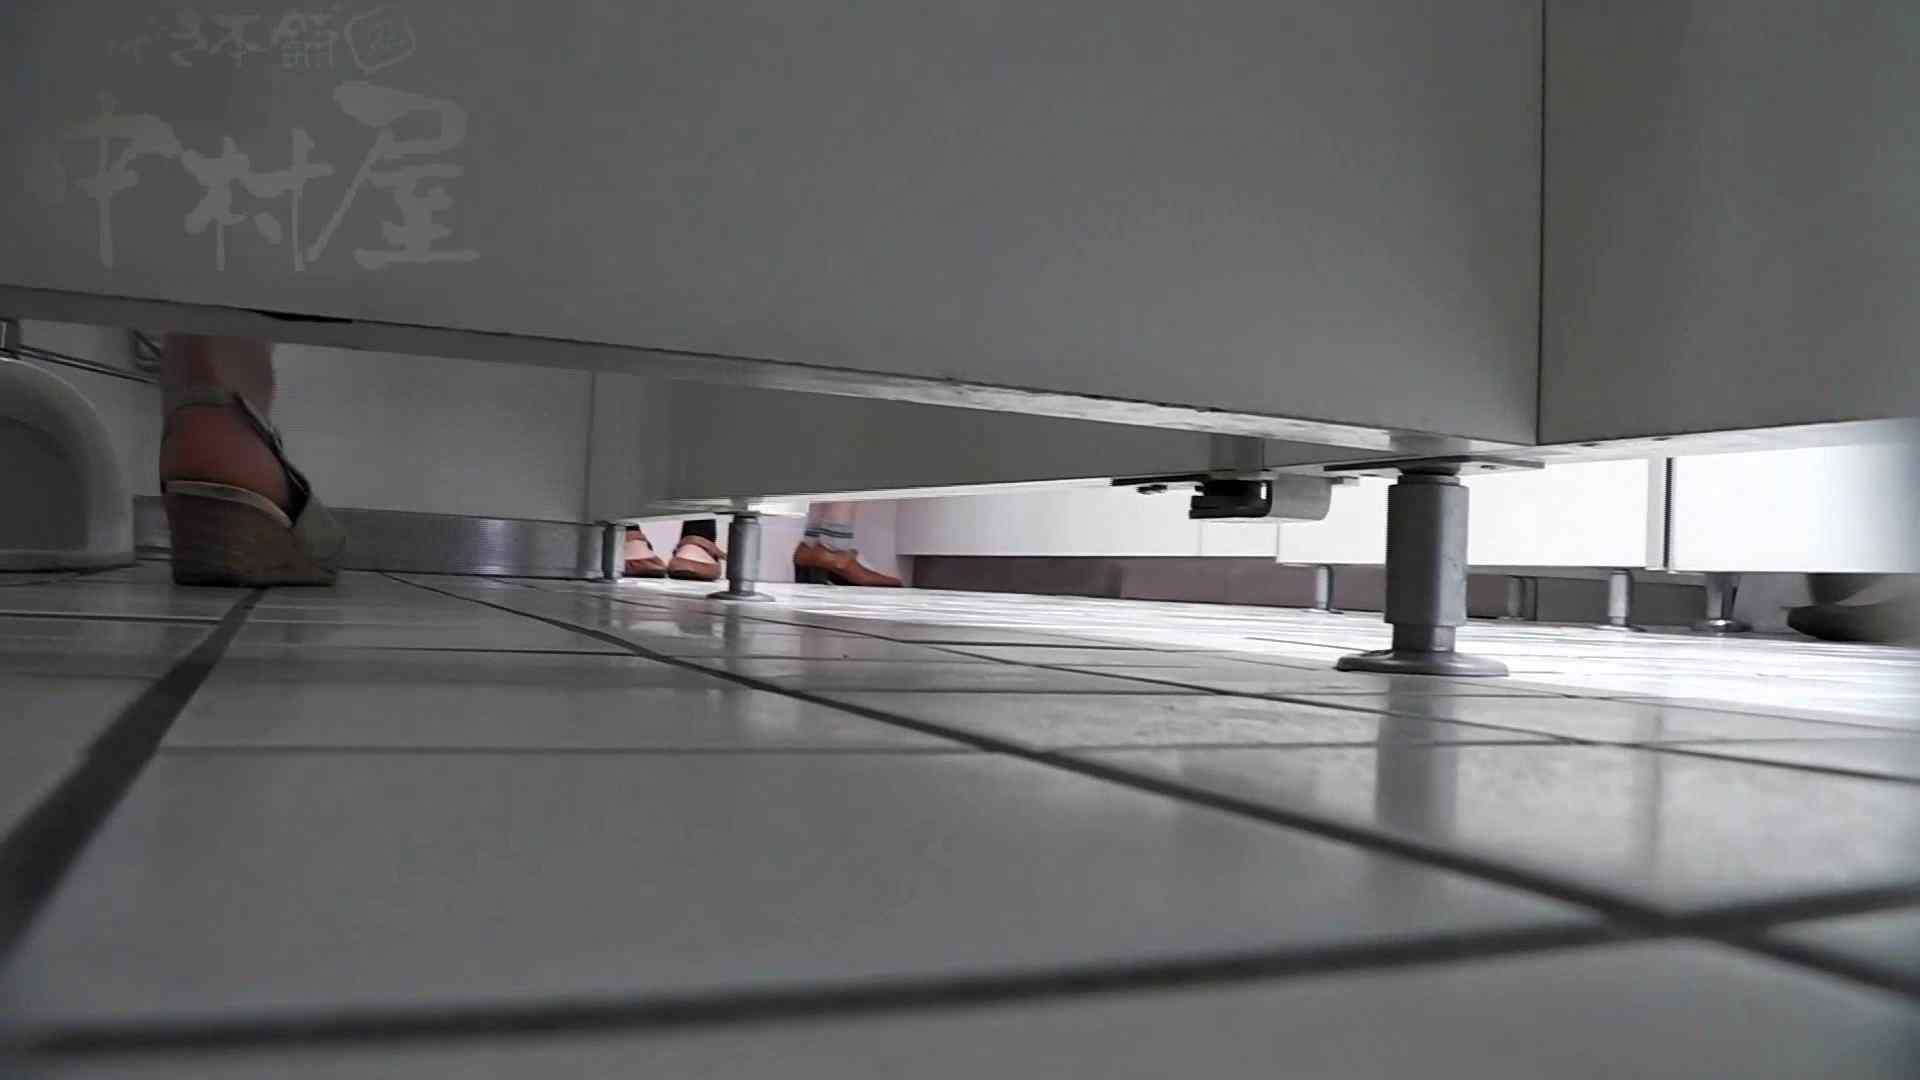 美しい日本の未来 No.29 豹柄サンダルはイ更●気味??? 卑猥   女子トイレ  111連発 91